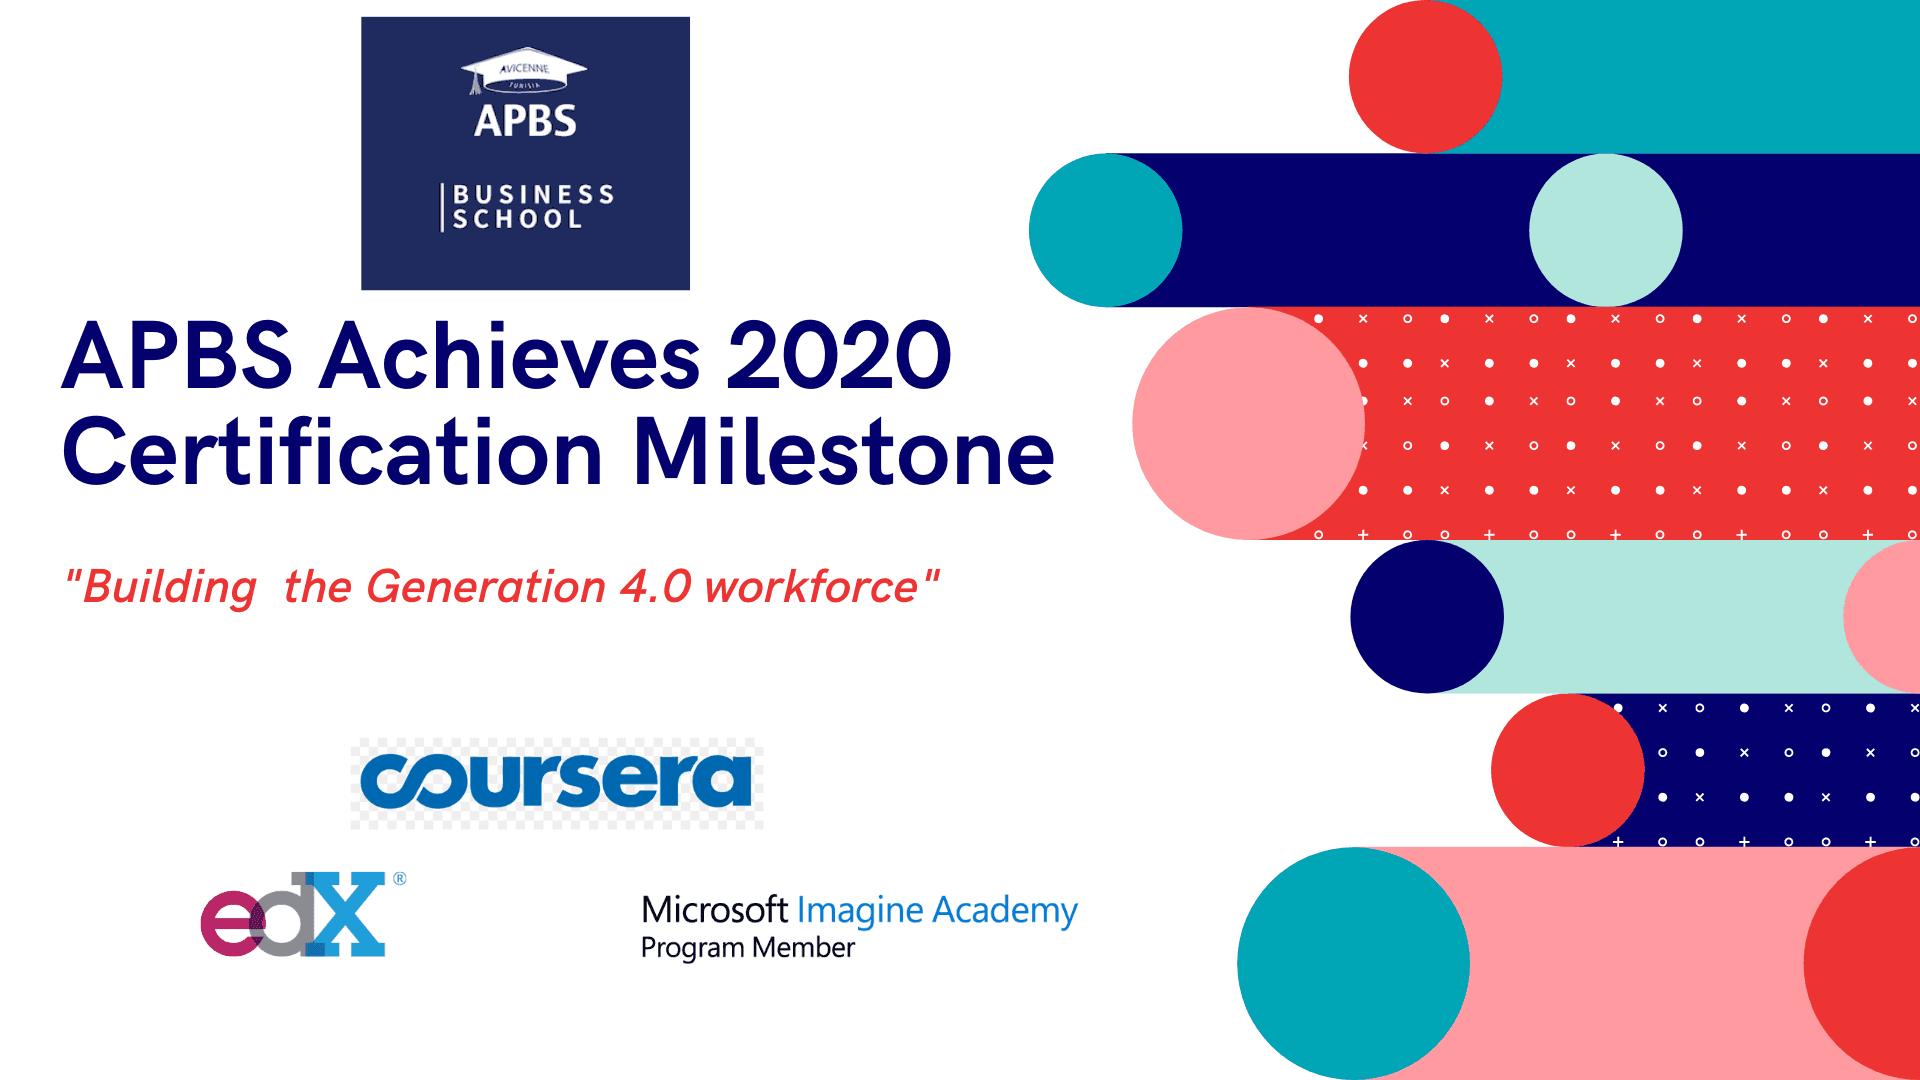 APBS Achieves 2020 Certification Milestone APBS Tunisie Groupe scolaire Descartes APBS Achieves 2020 Certification Milestone culture apbs